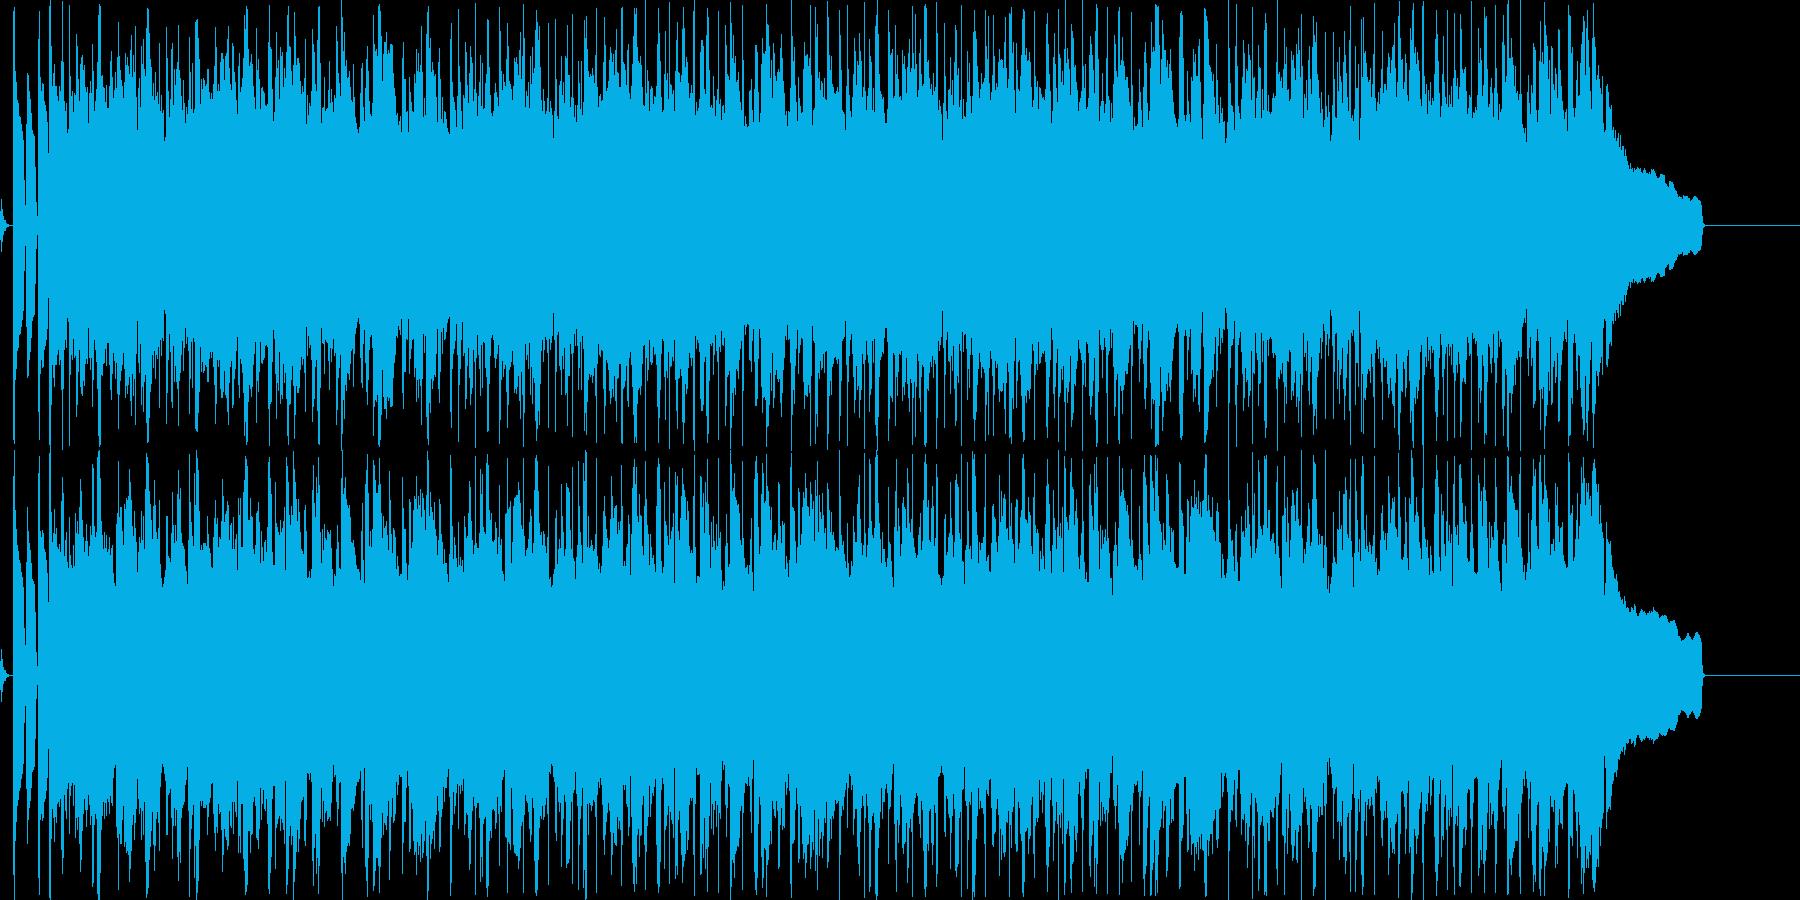 ほのぼのしたアコースティックなBGMの再生済みの波形